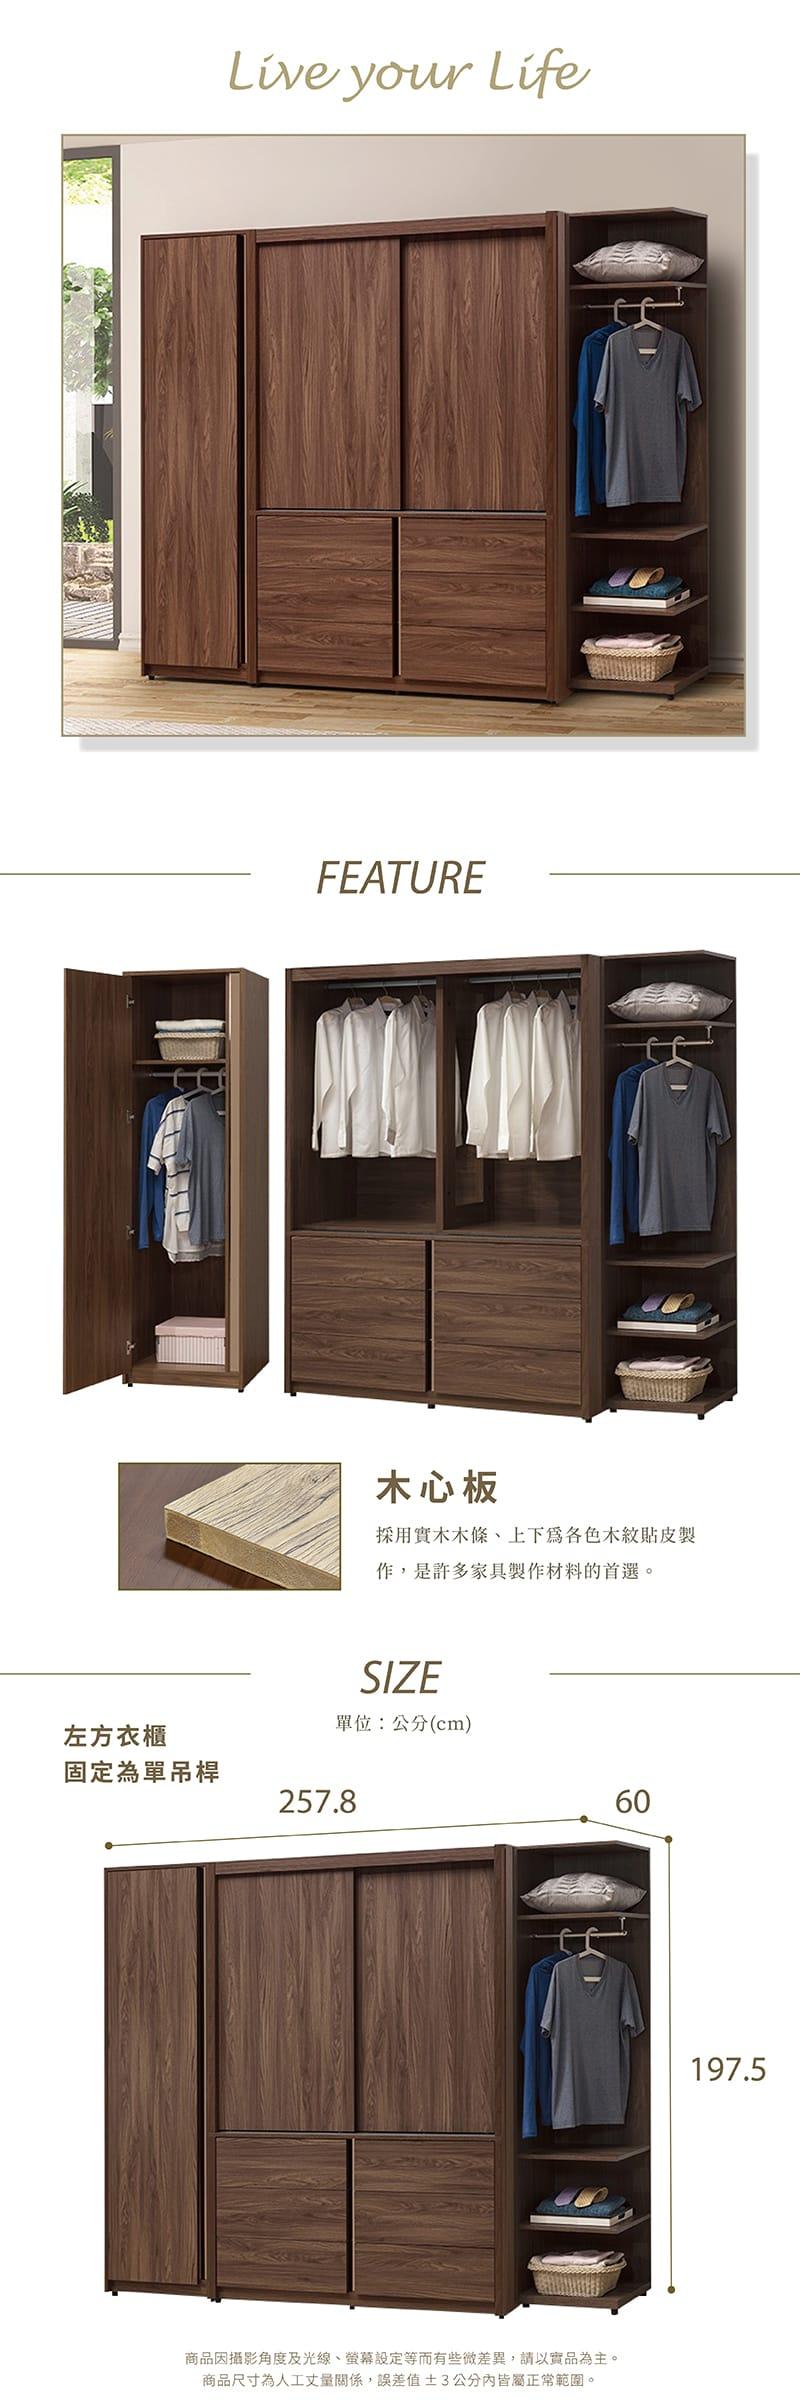 達爾文 拉門收納置物衣櫃 寬258cm